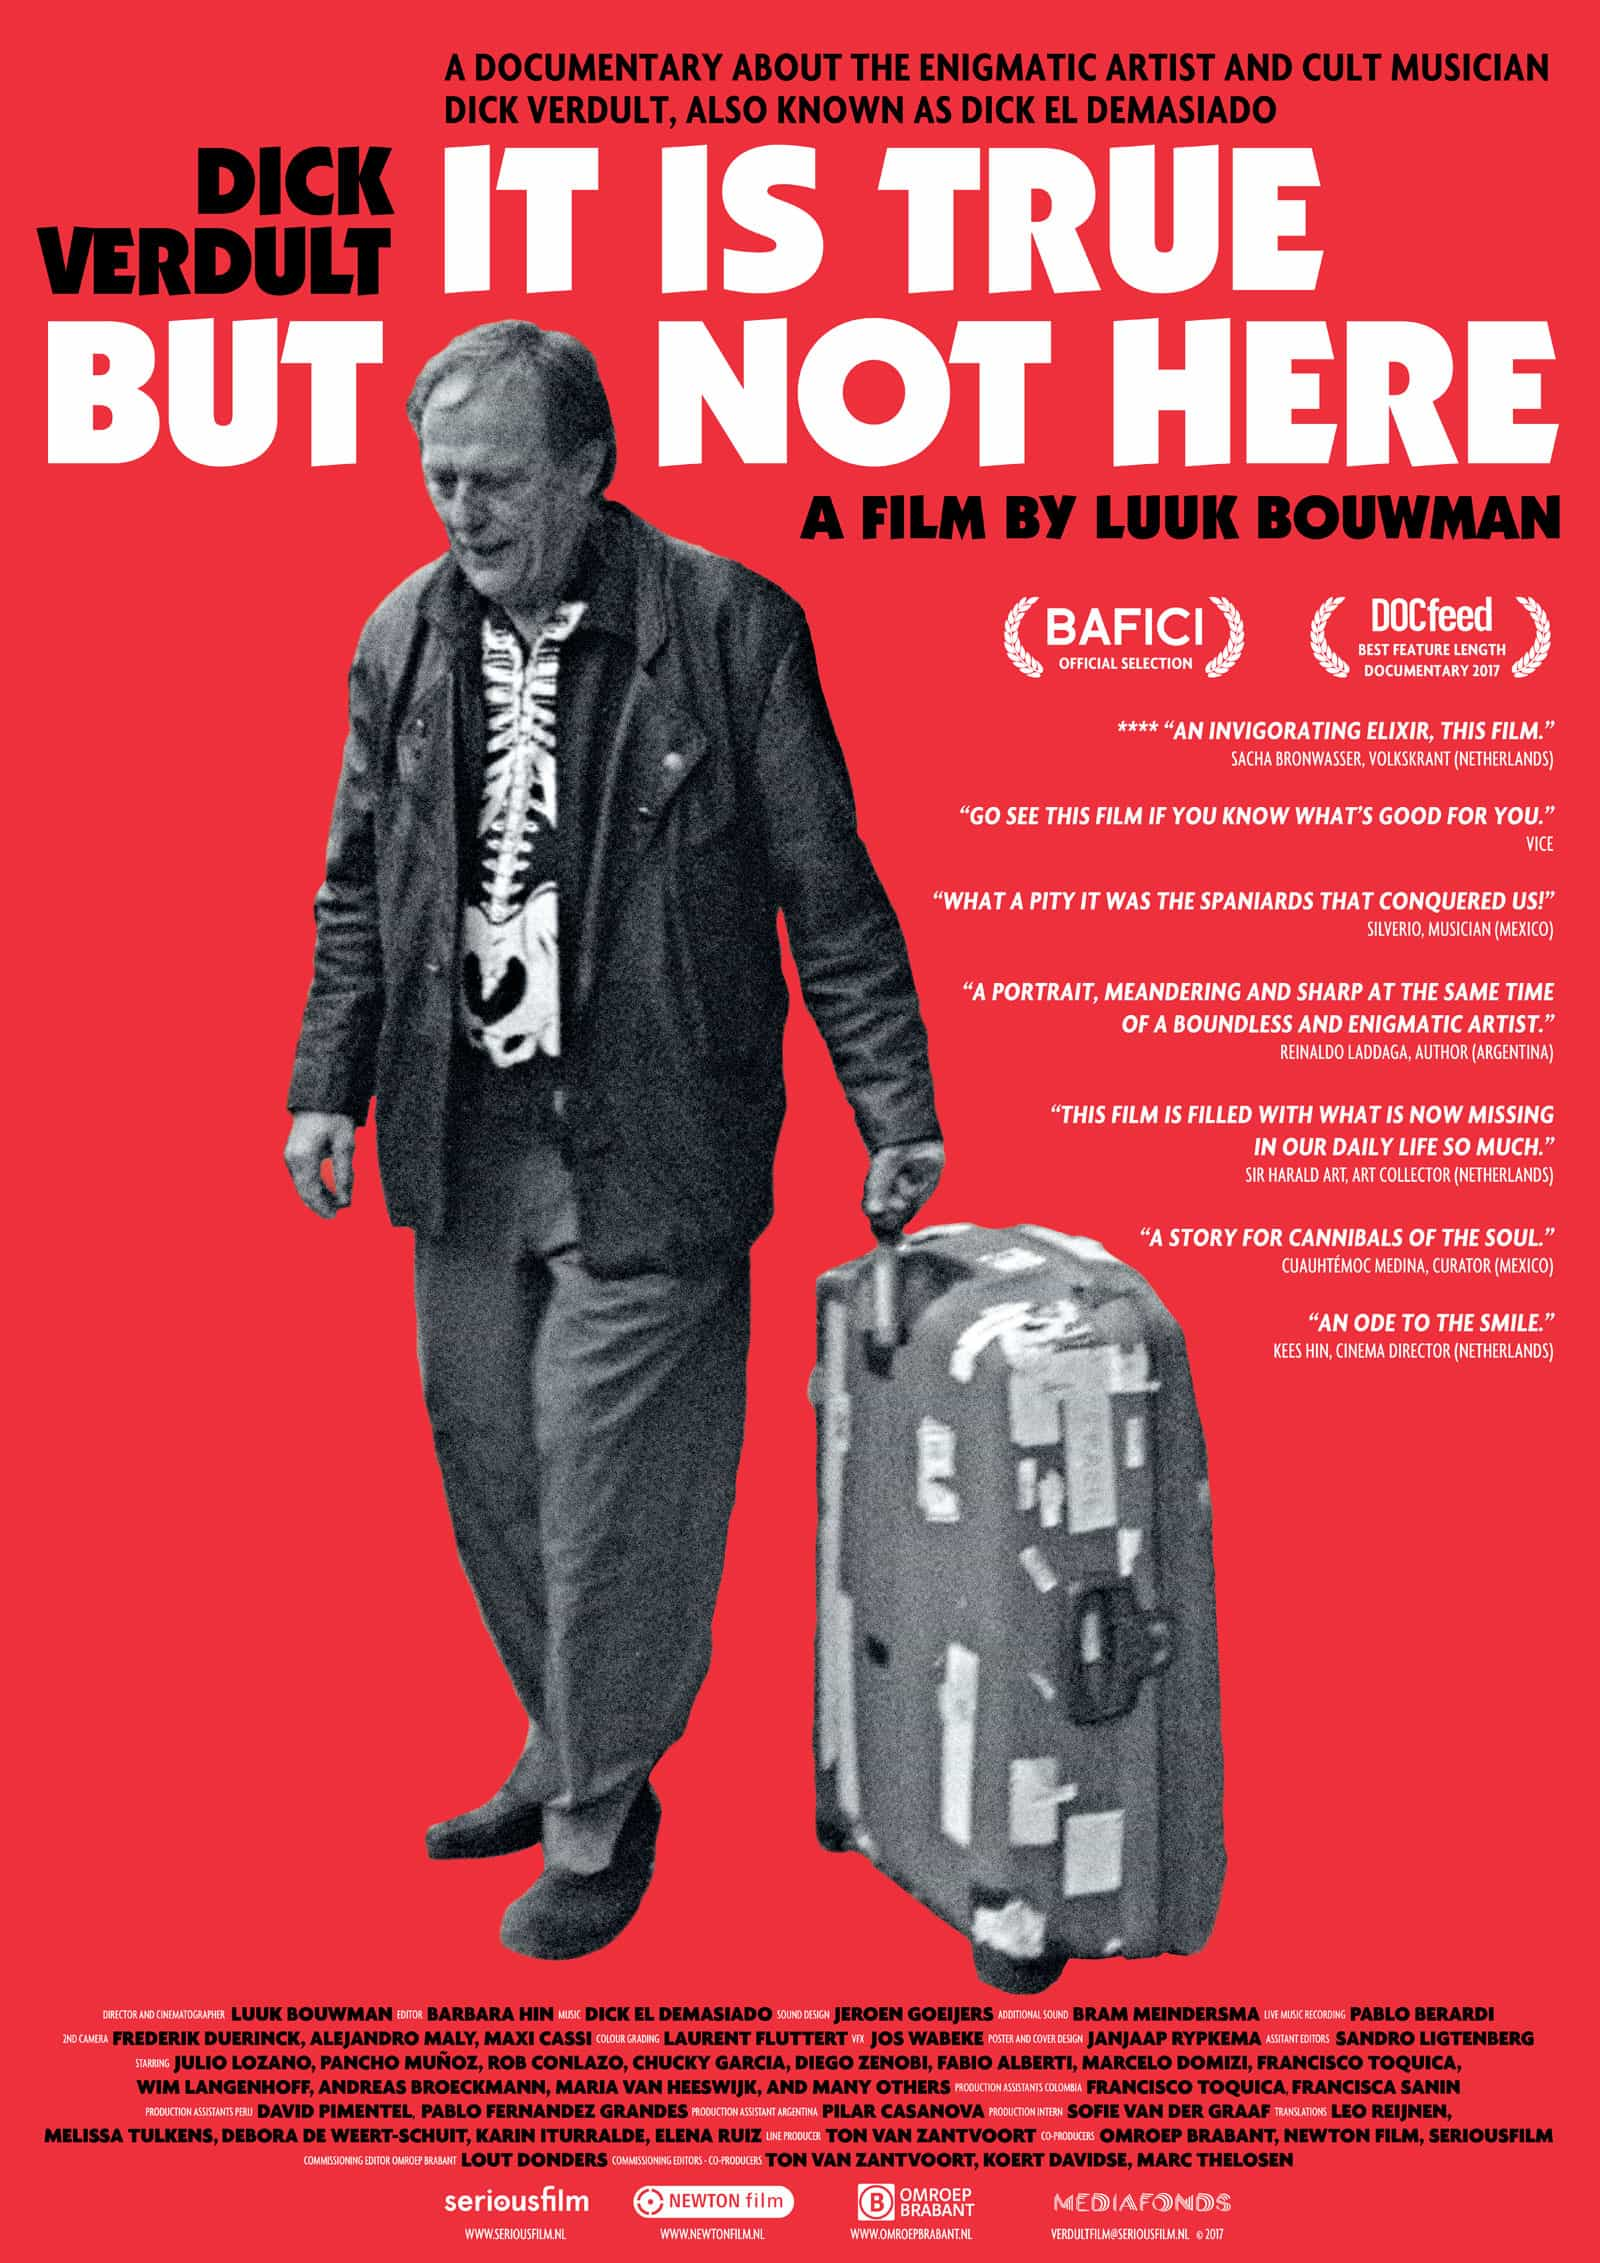 Dick Verdult Documentary still